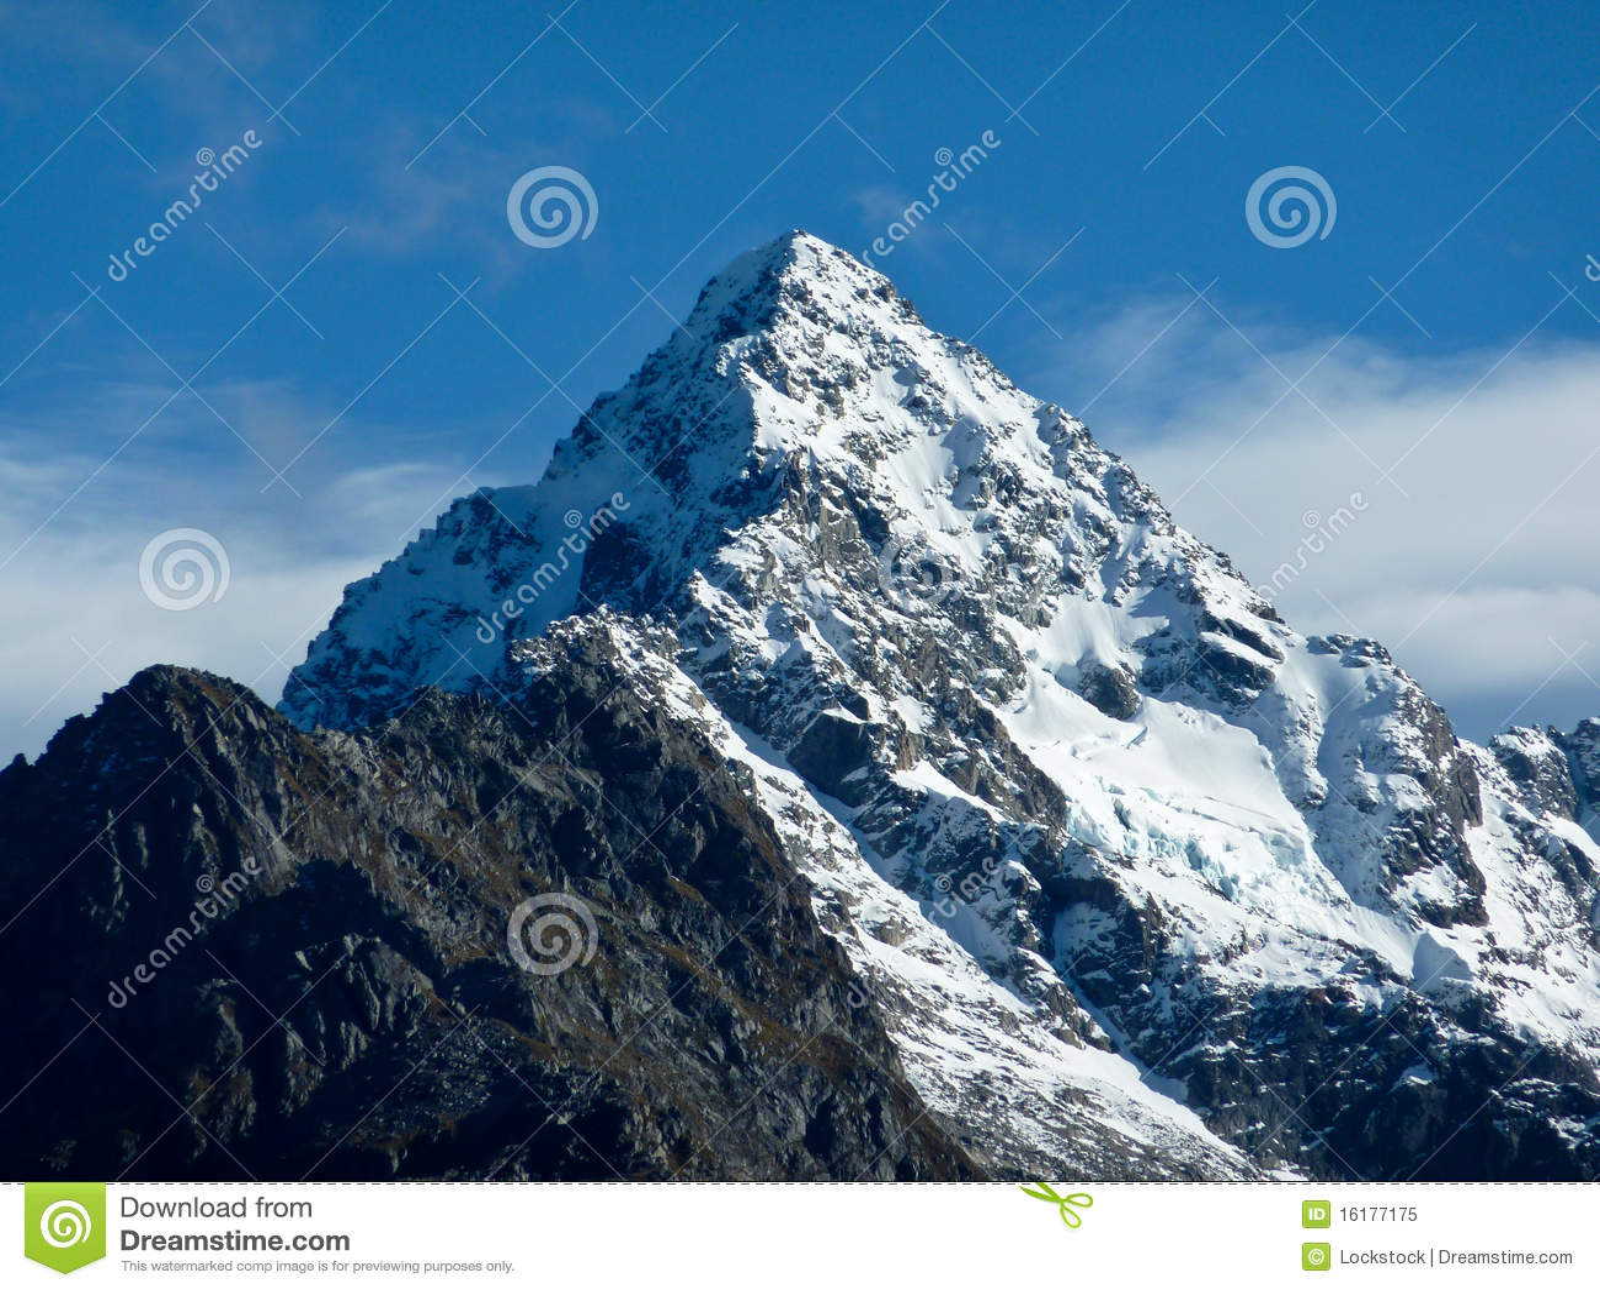 La neige a recouvert la montagne